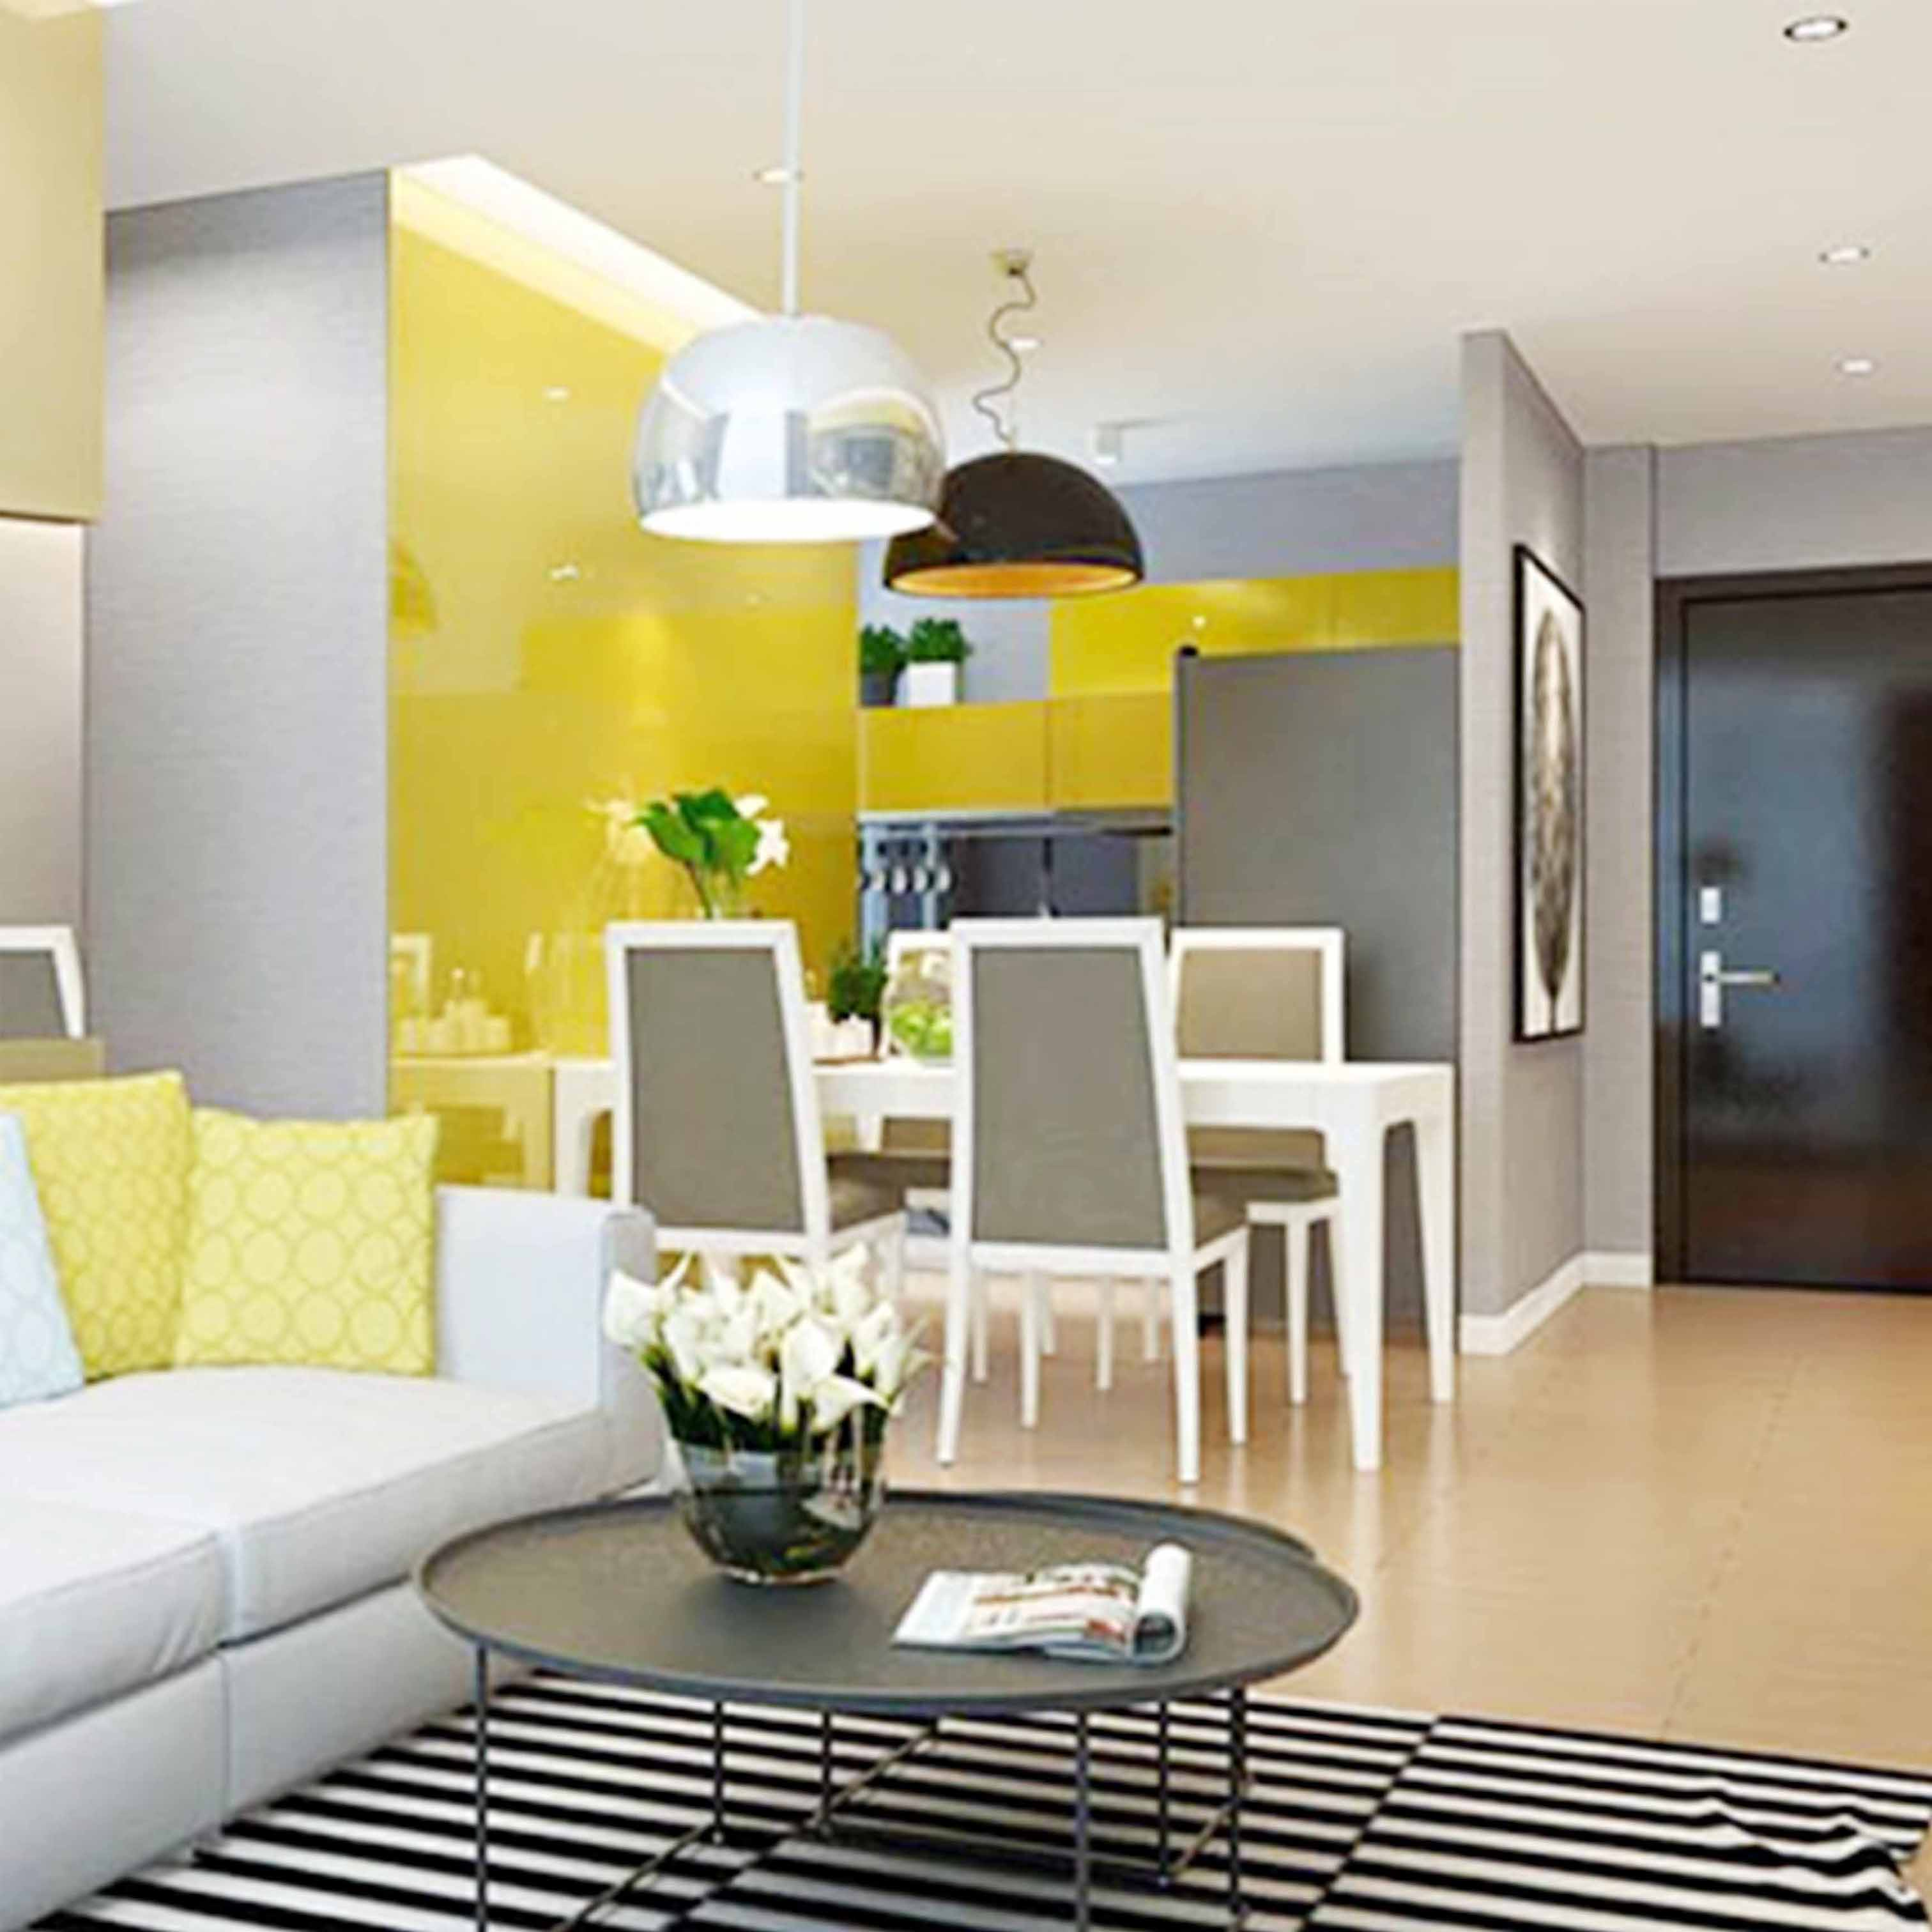 Công trình thiết kế và thi công căn hộ chung cư tại Xa La, Hà Đông - TK19LHFU